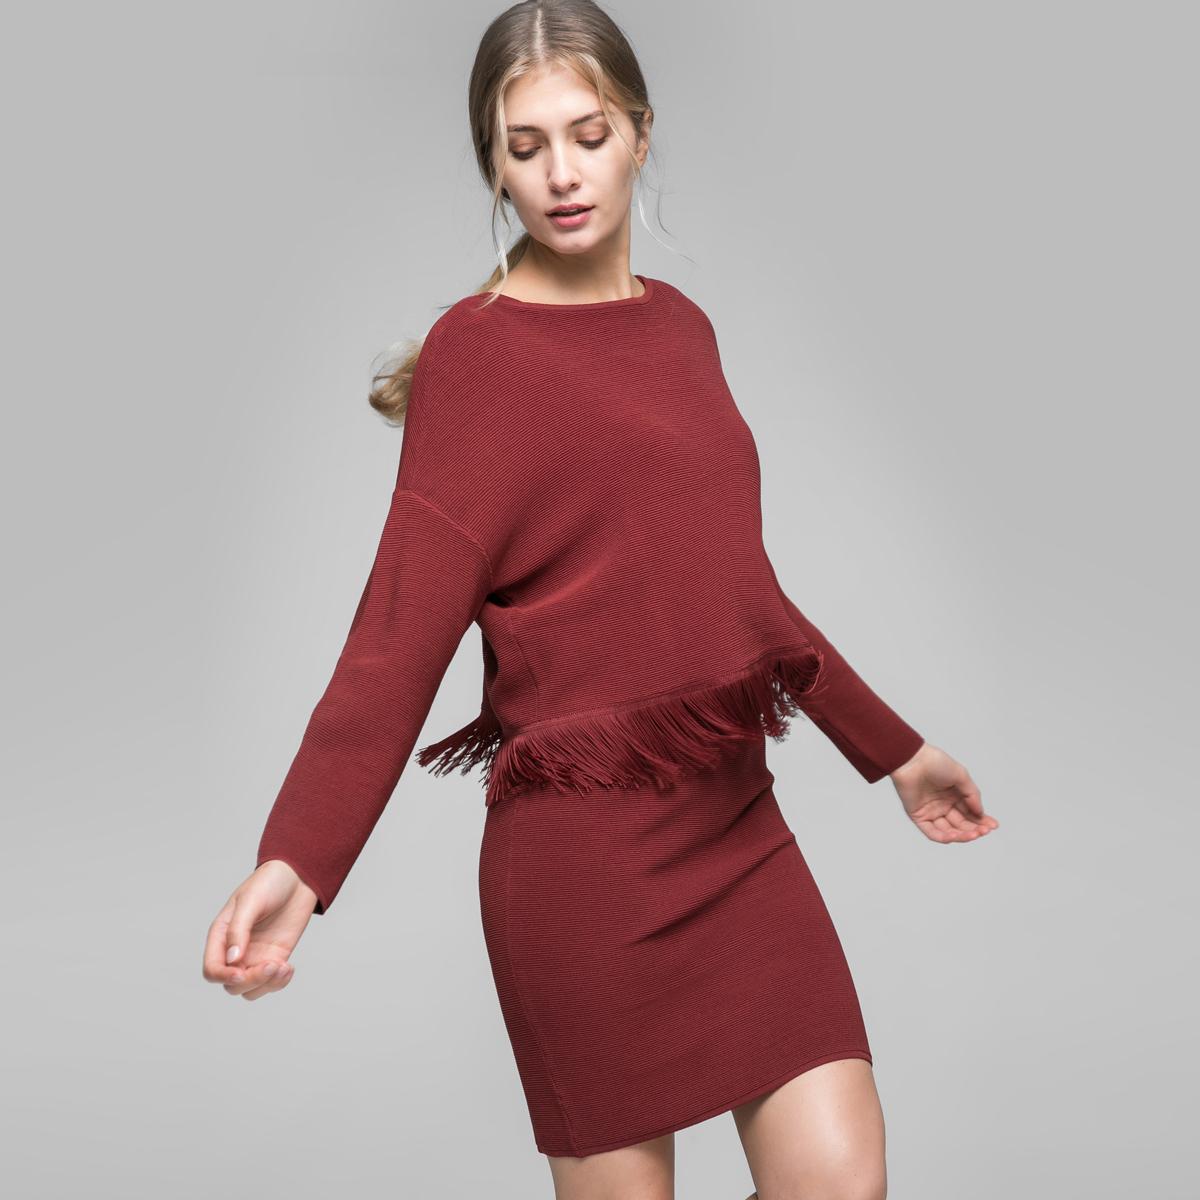 Vero Moda流苏圆领针织衫连衣裙两件套|316346527